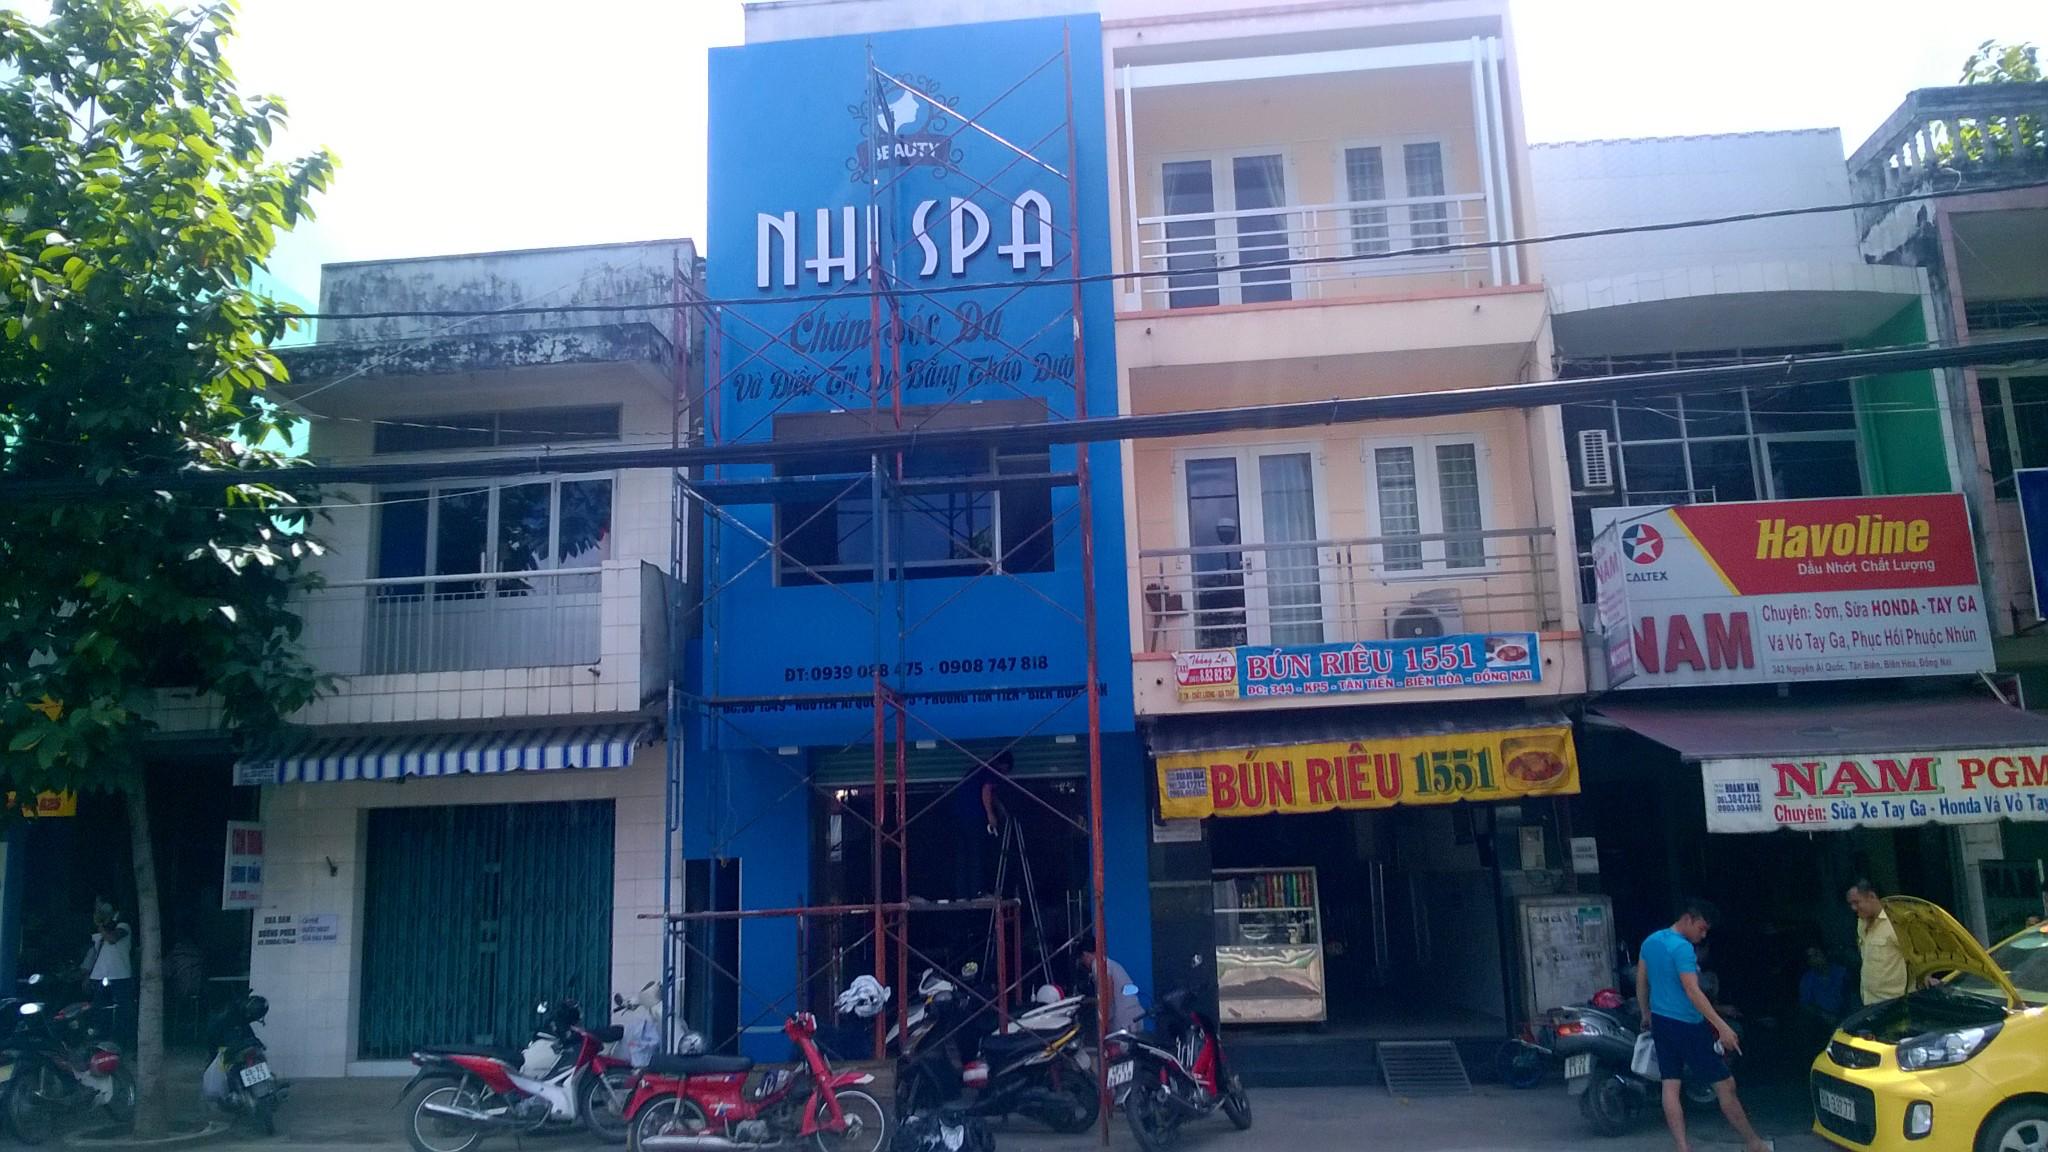 Thiết kế thi công salon NHI SPA